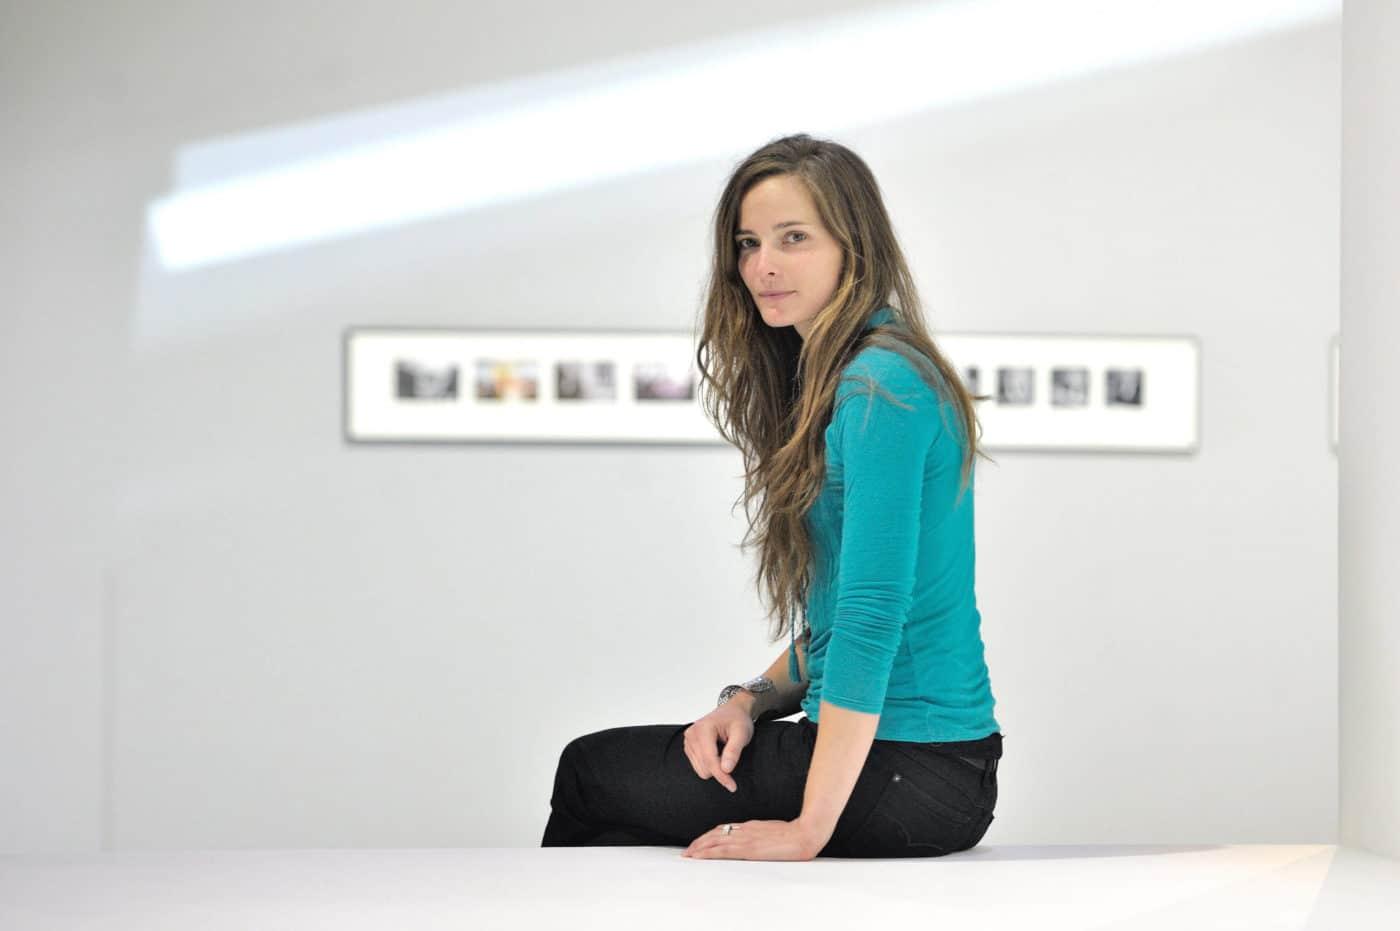 Biographie Marielsa Niels, photographe à Clermont-Ferrand